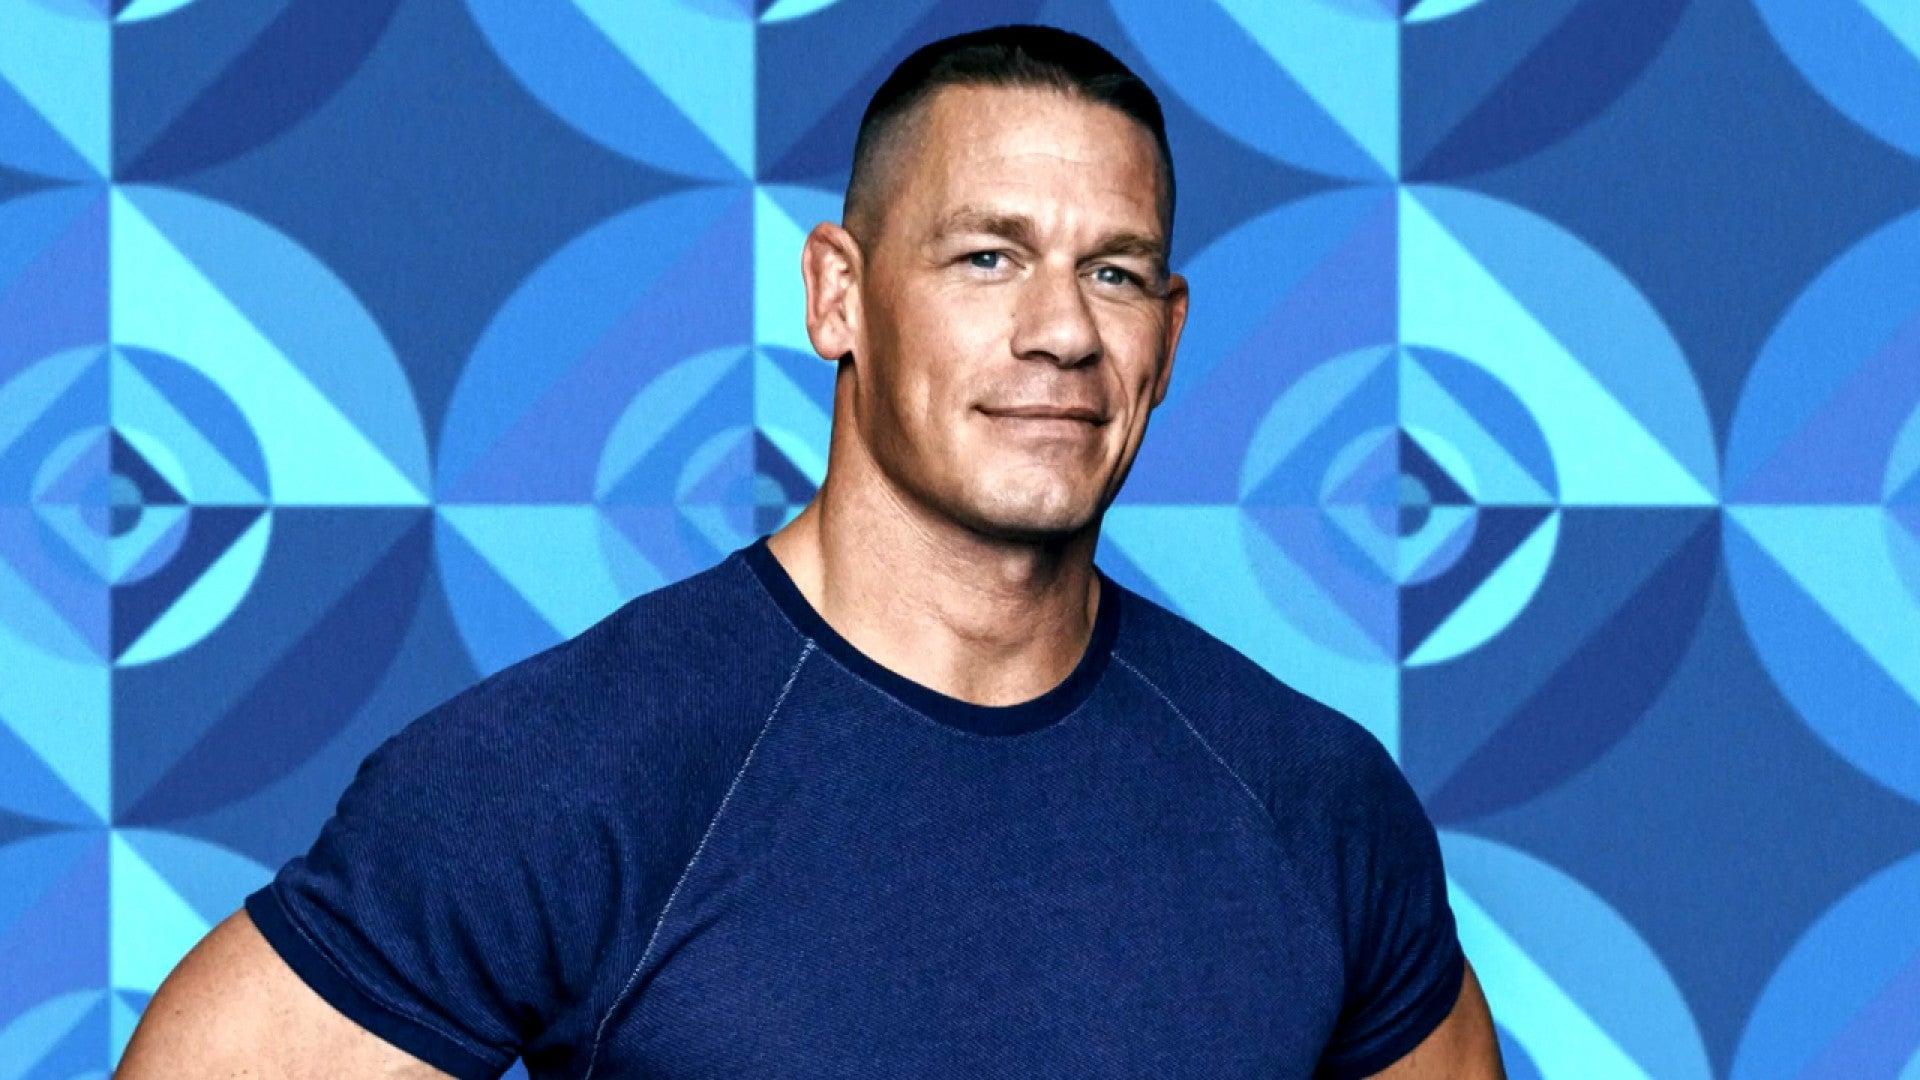 oficjalne zdjęcia na stopach zdjęcia aliexpress John Cena Teams Up With Crocs Campaign to Stand Up Against ...